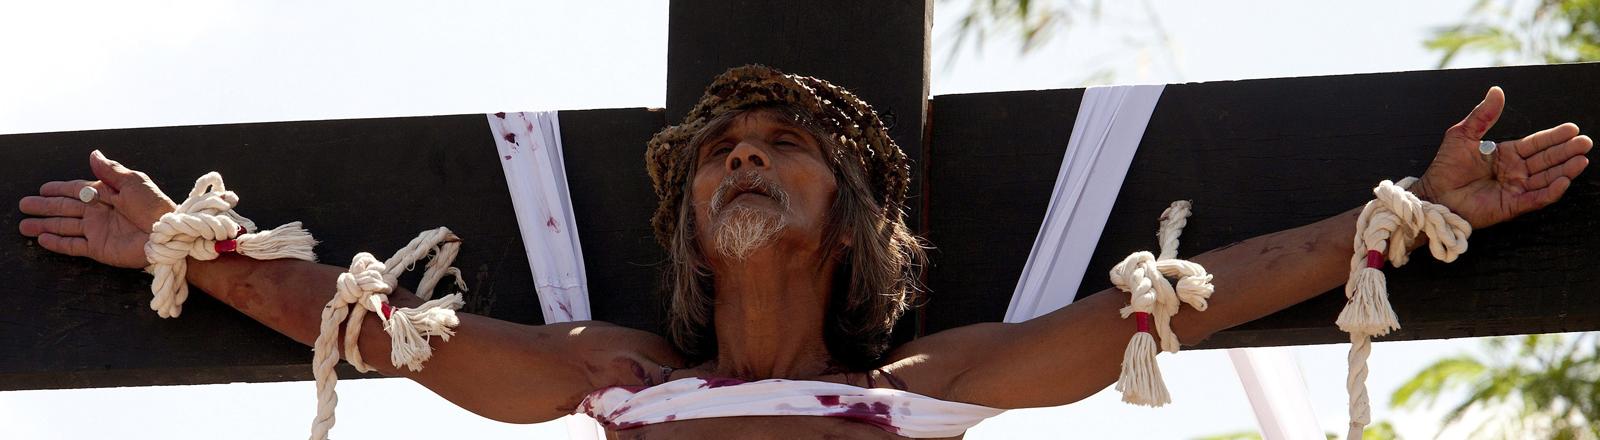 Auf den Philippinen lassen sich jedes Jahr Gläubige ans Kreuz schlagen, um so dem Leiden und Tod Jesu gedenken